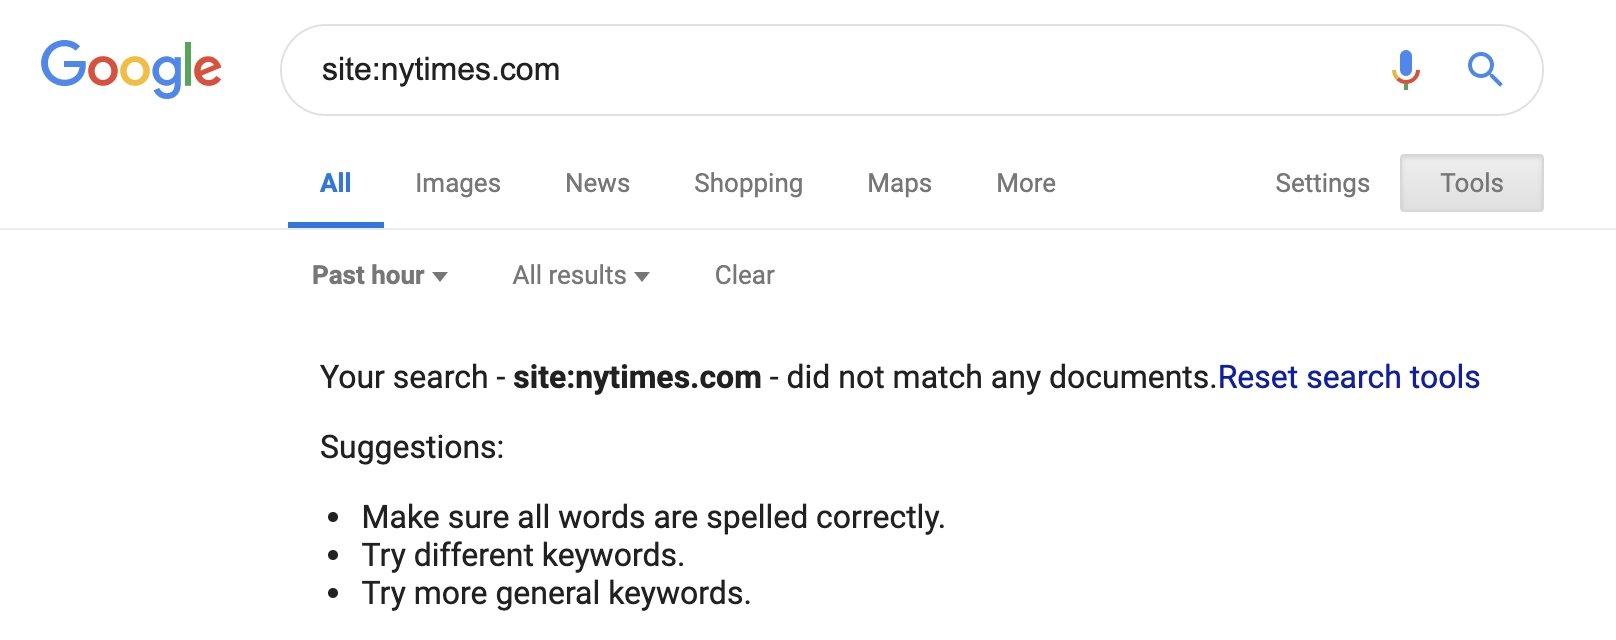 pesquisa do Google sem resultados